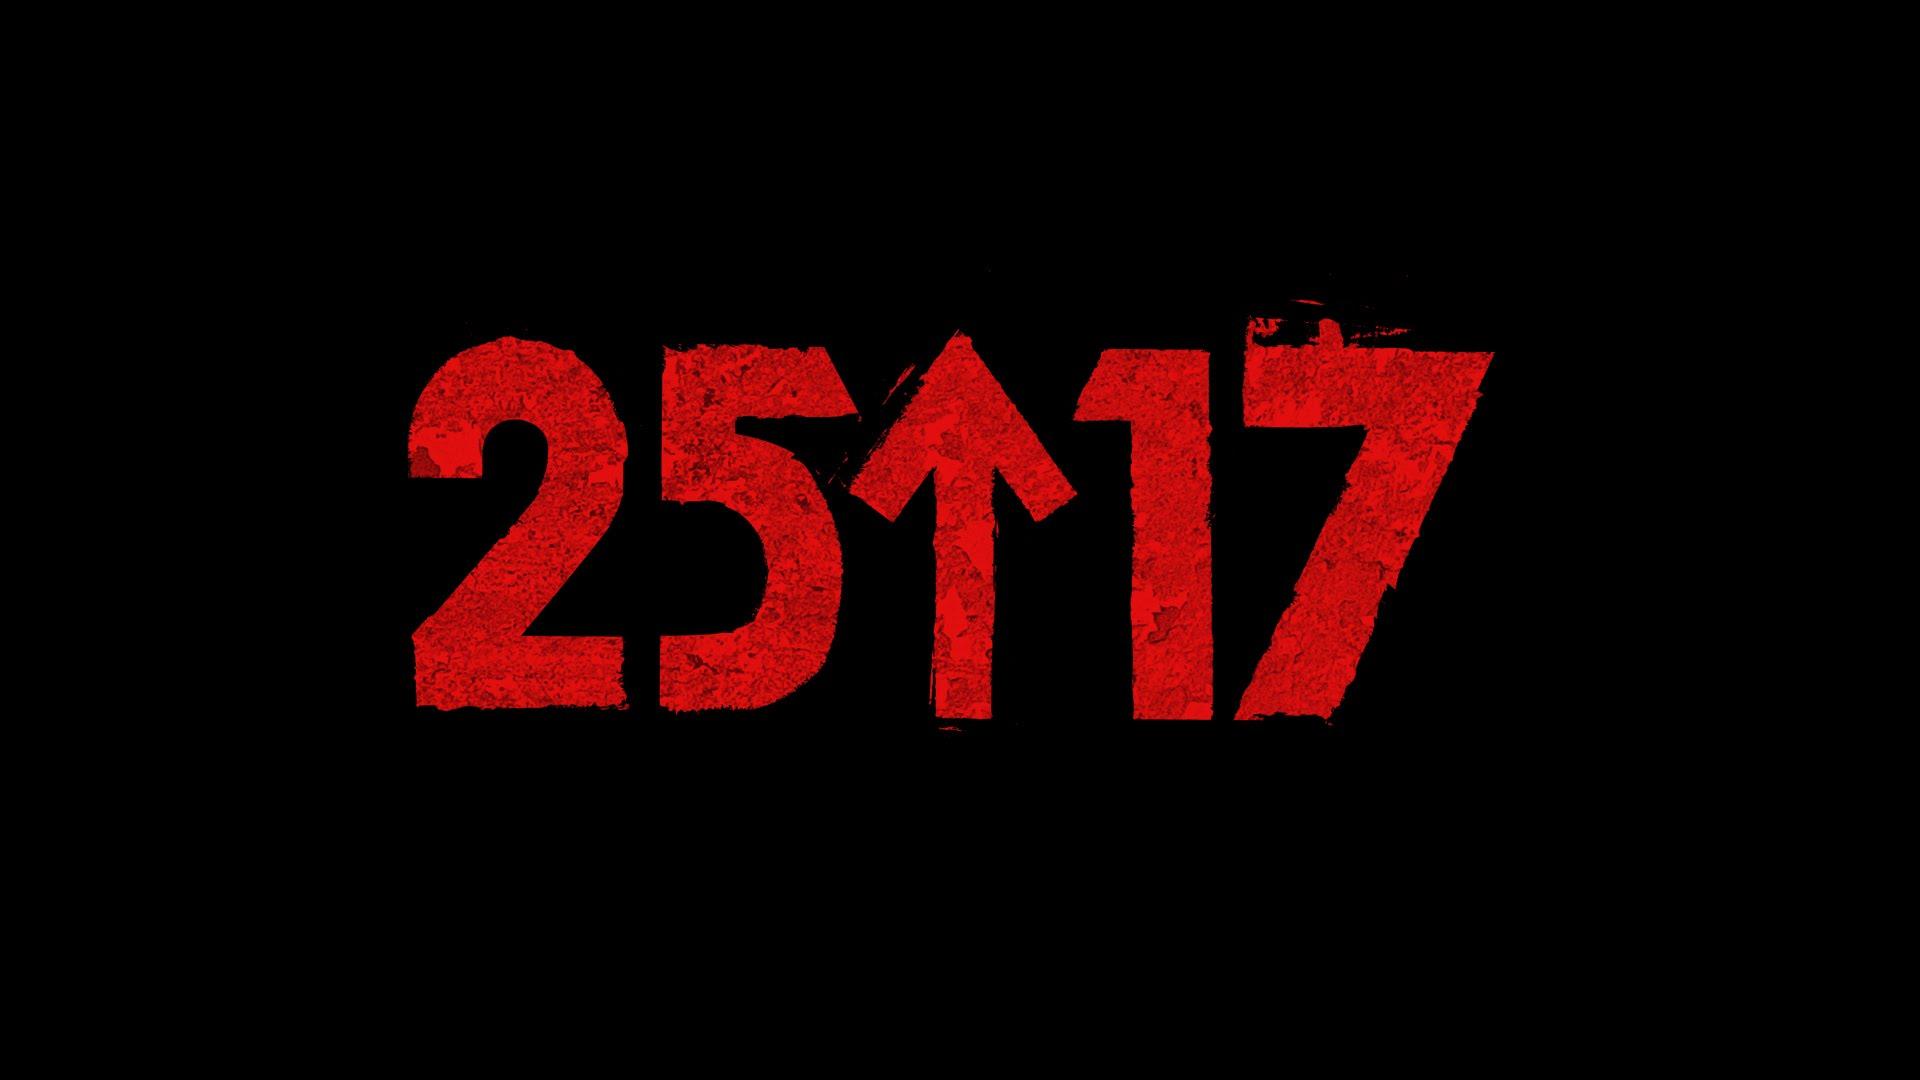 Участники 25/17 раскрыли причины признания своих песен экстремистскими